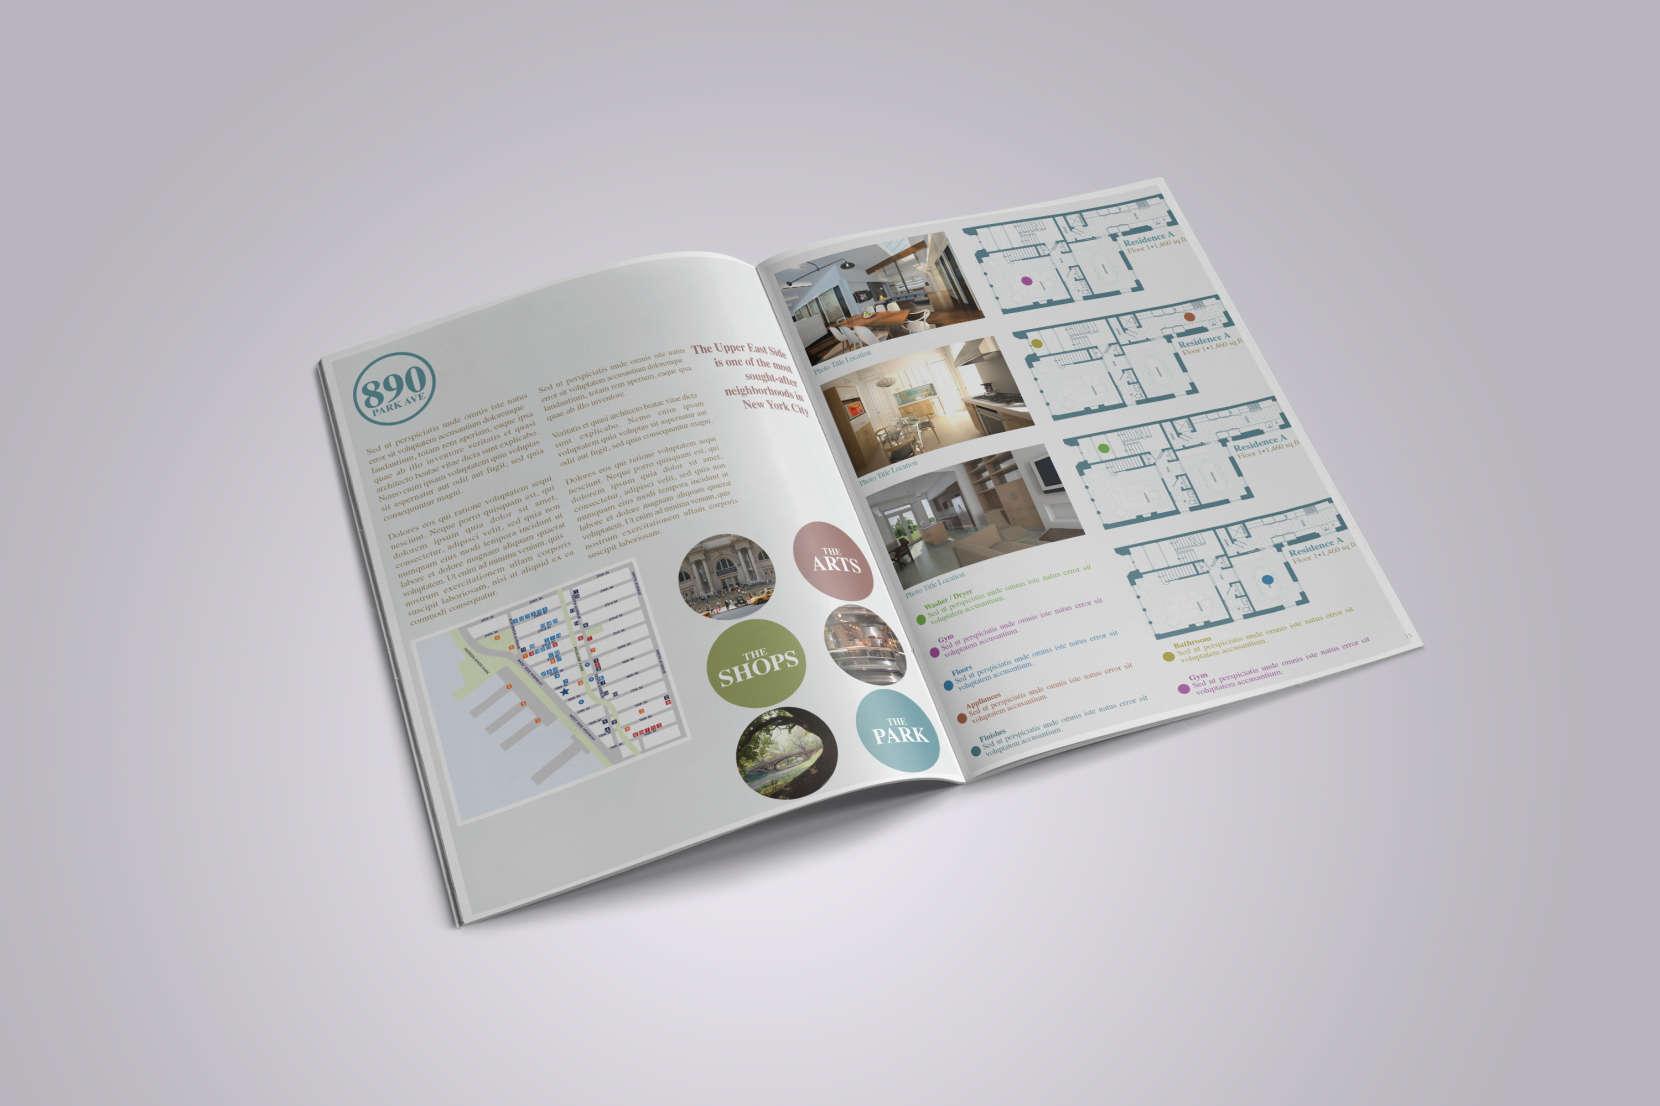 msa-brochure-1-2-1660x1106.jpg